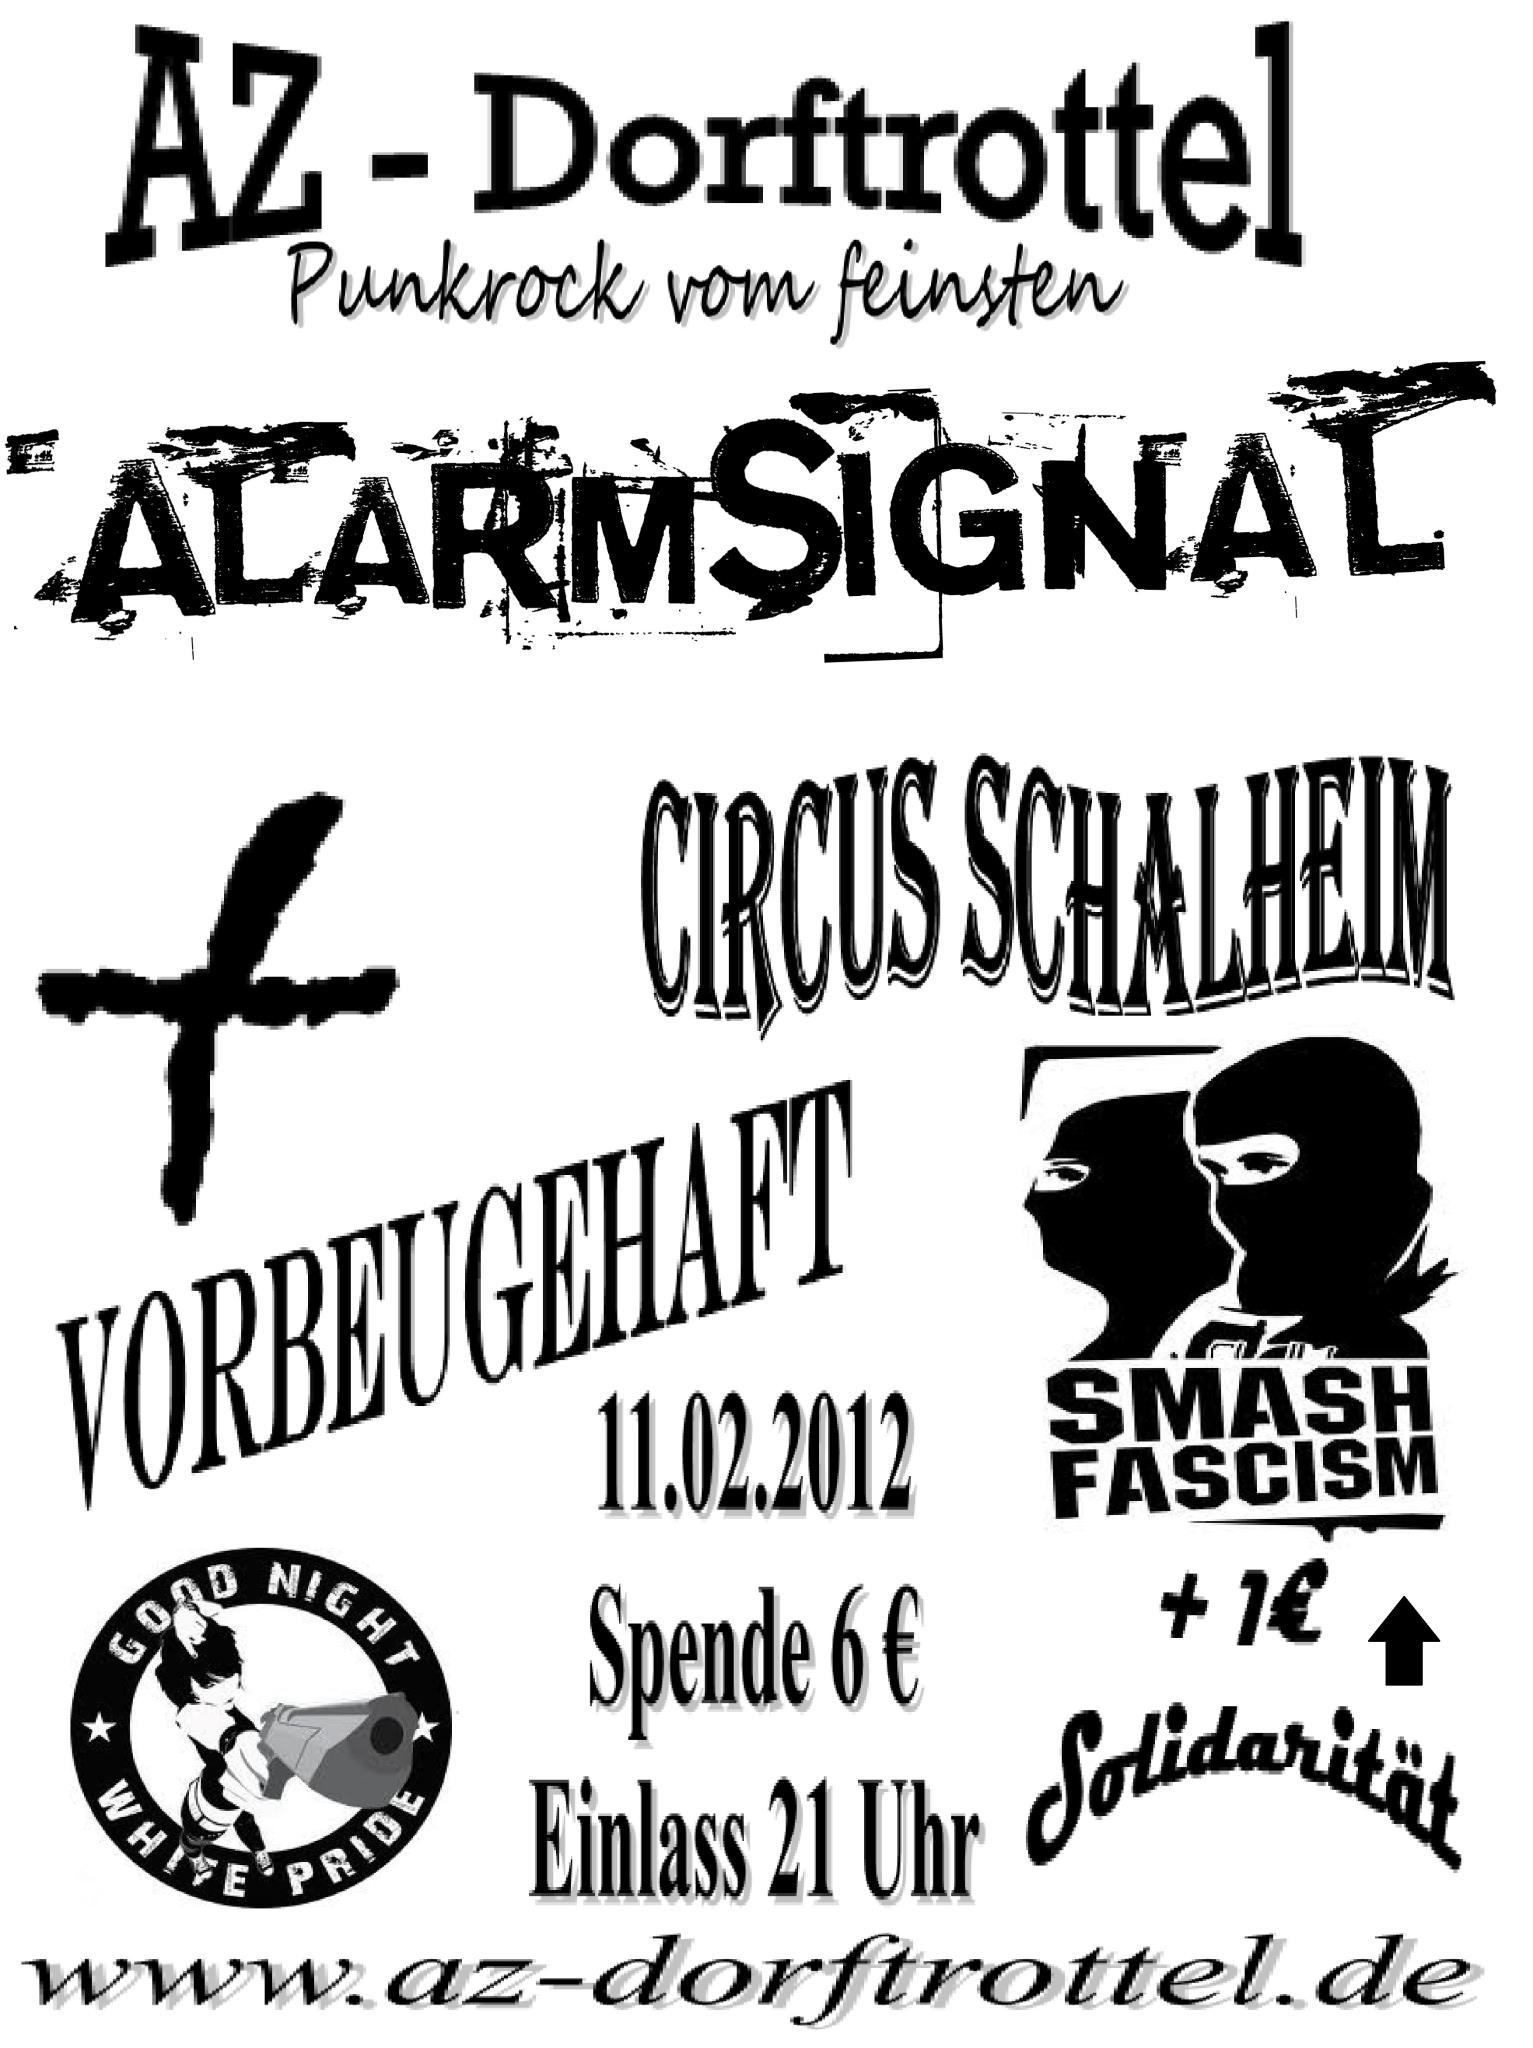 Flyer vom 11.02.2012